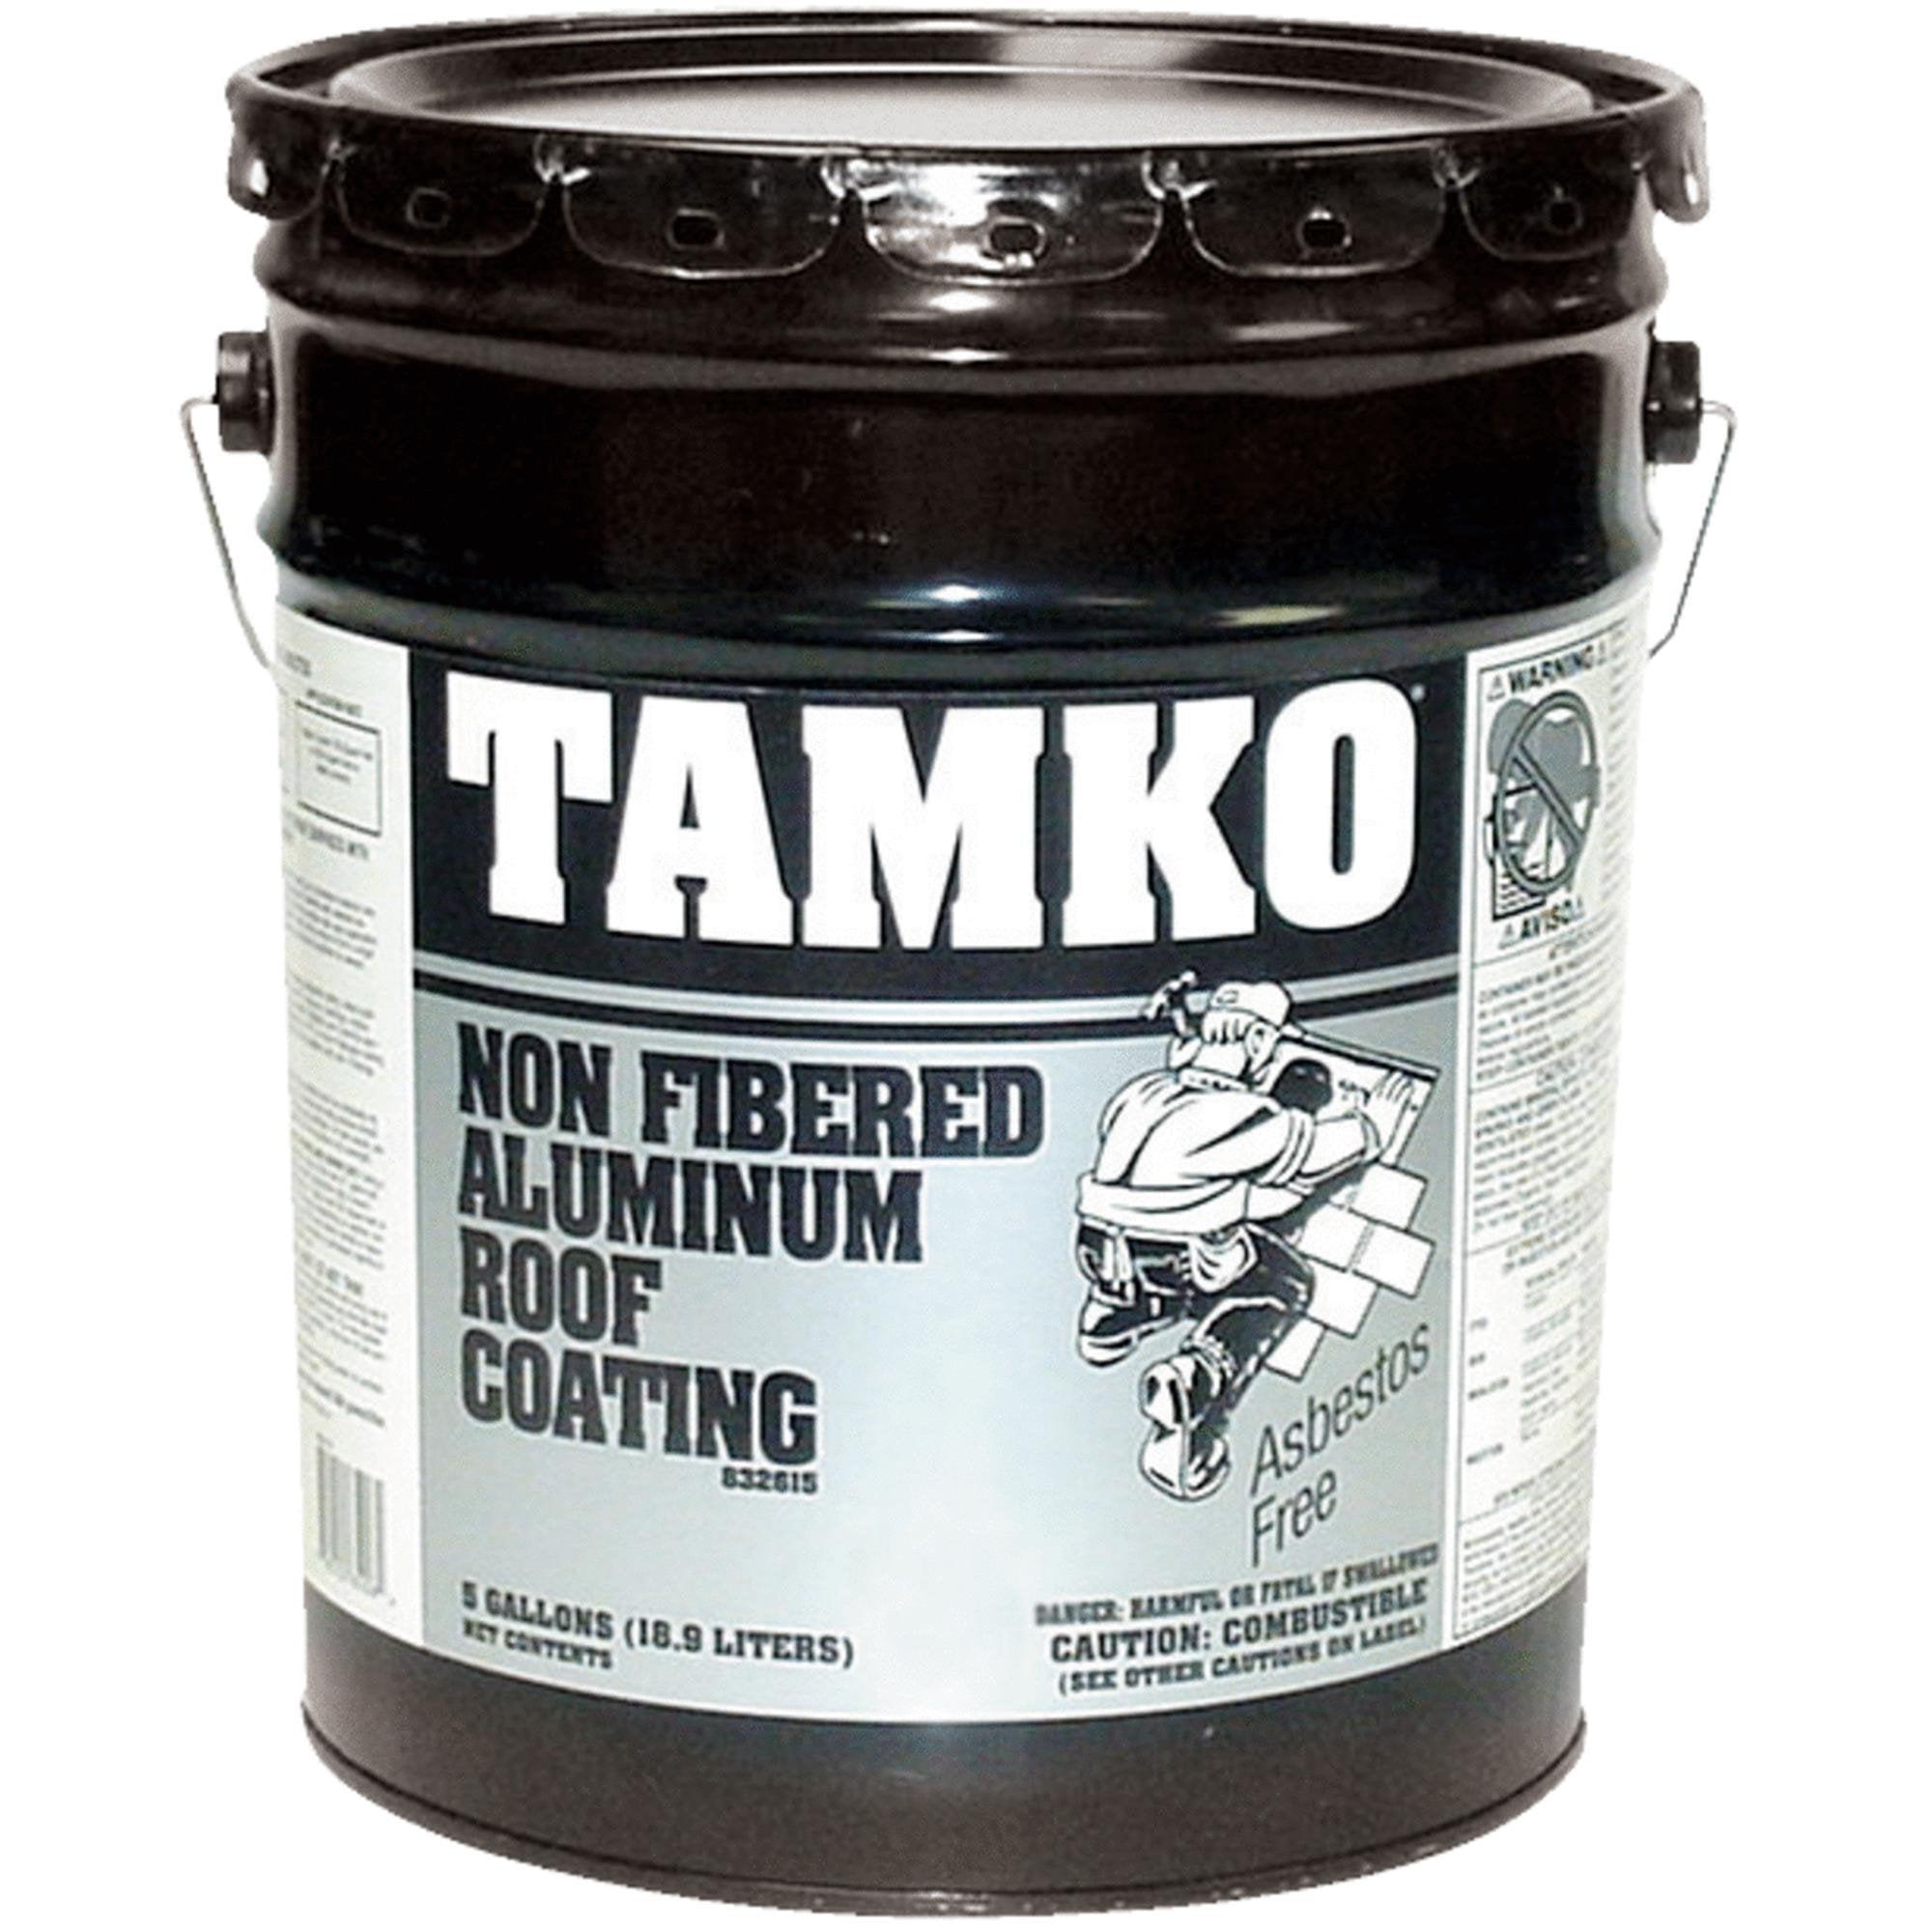 TAMKO Non-Fibered Aluminum Roof Coating